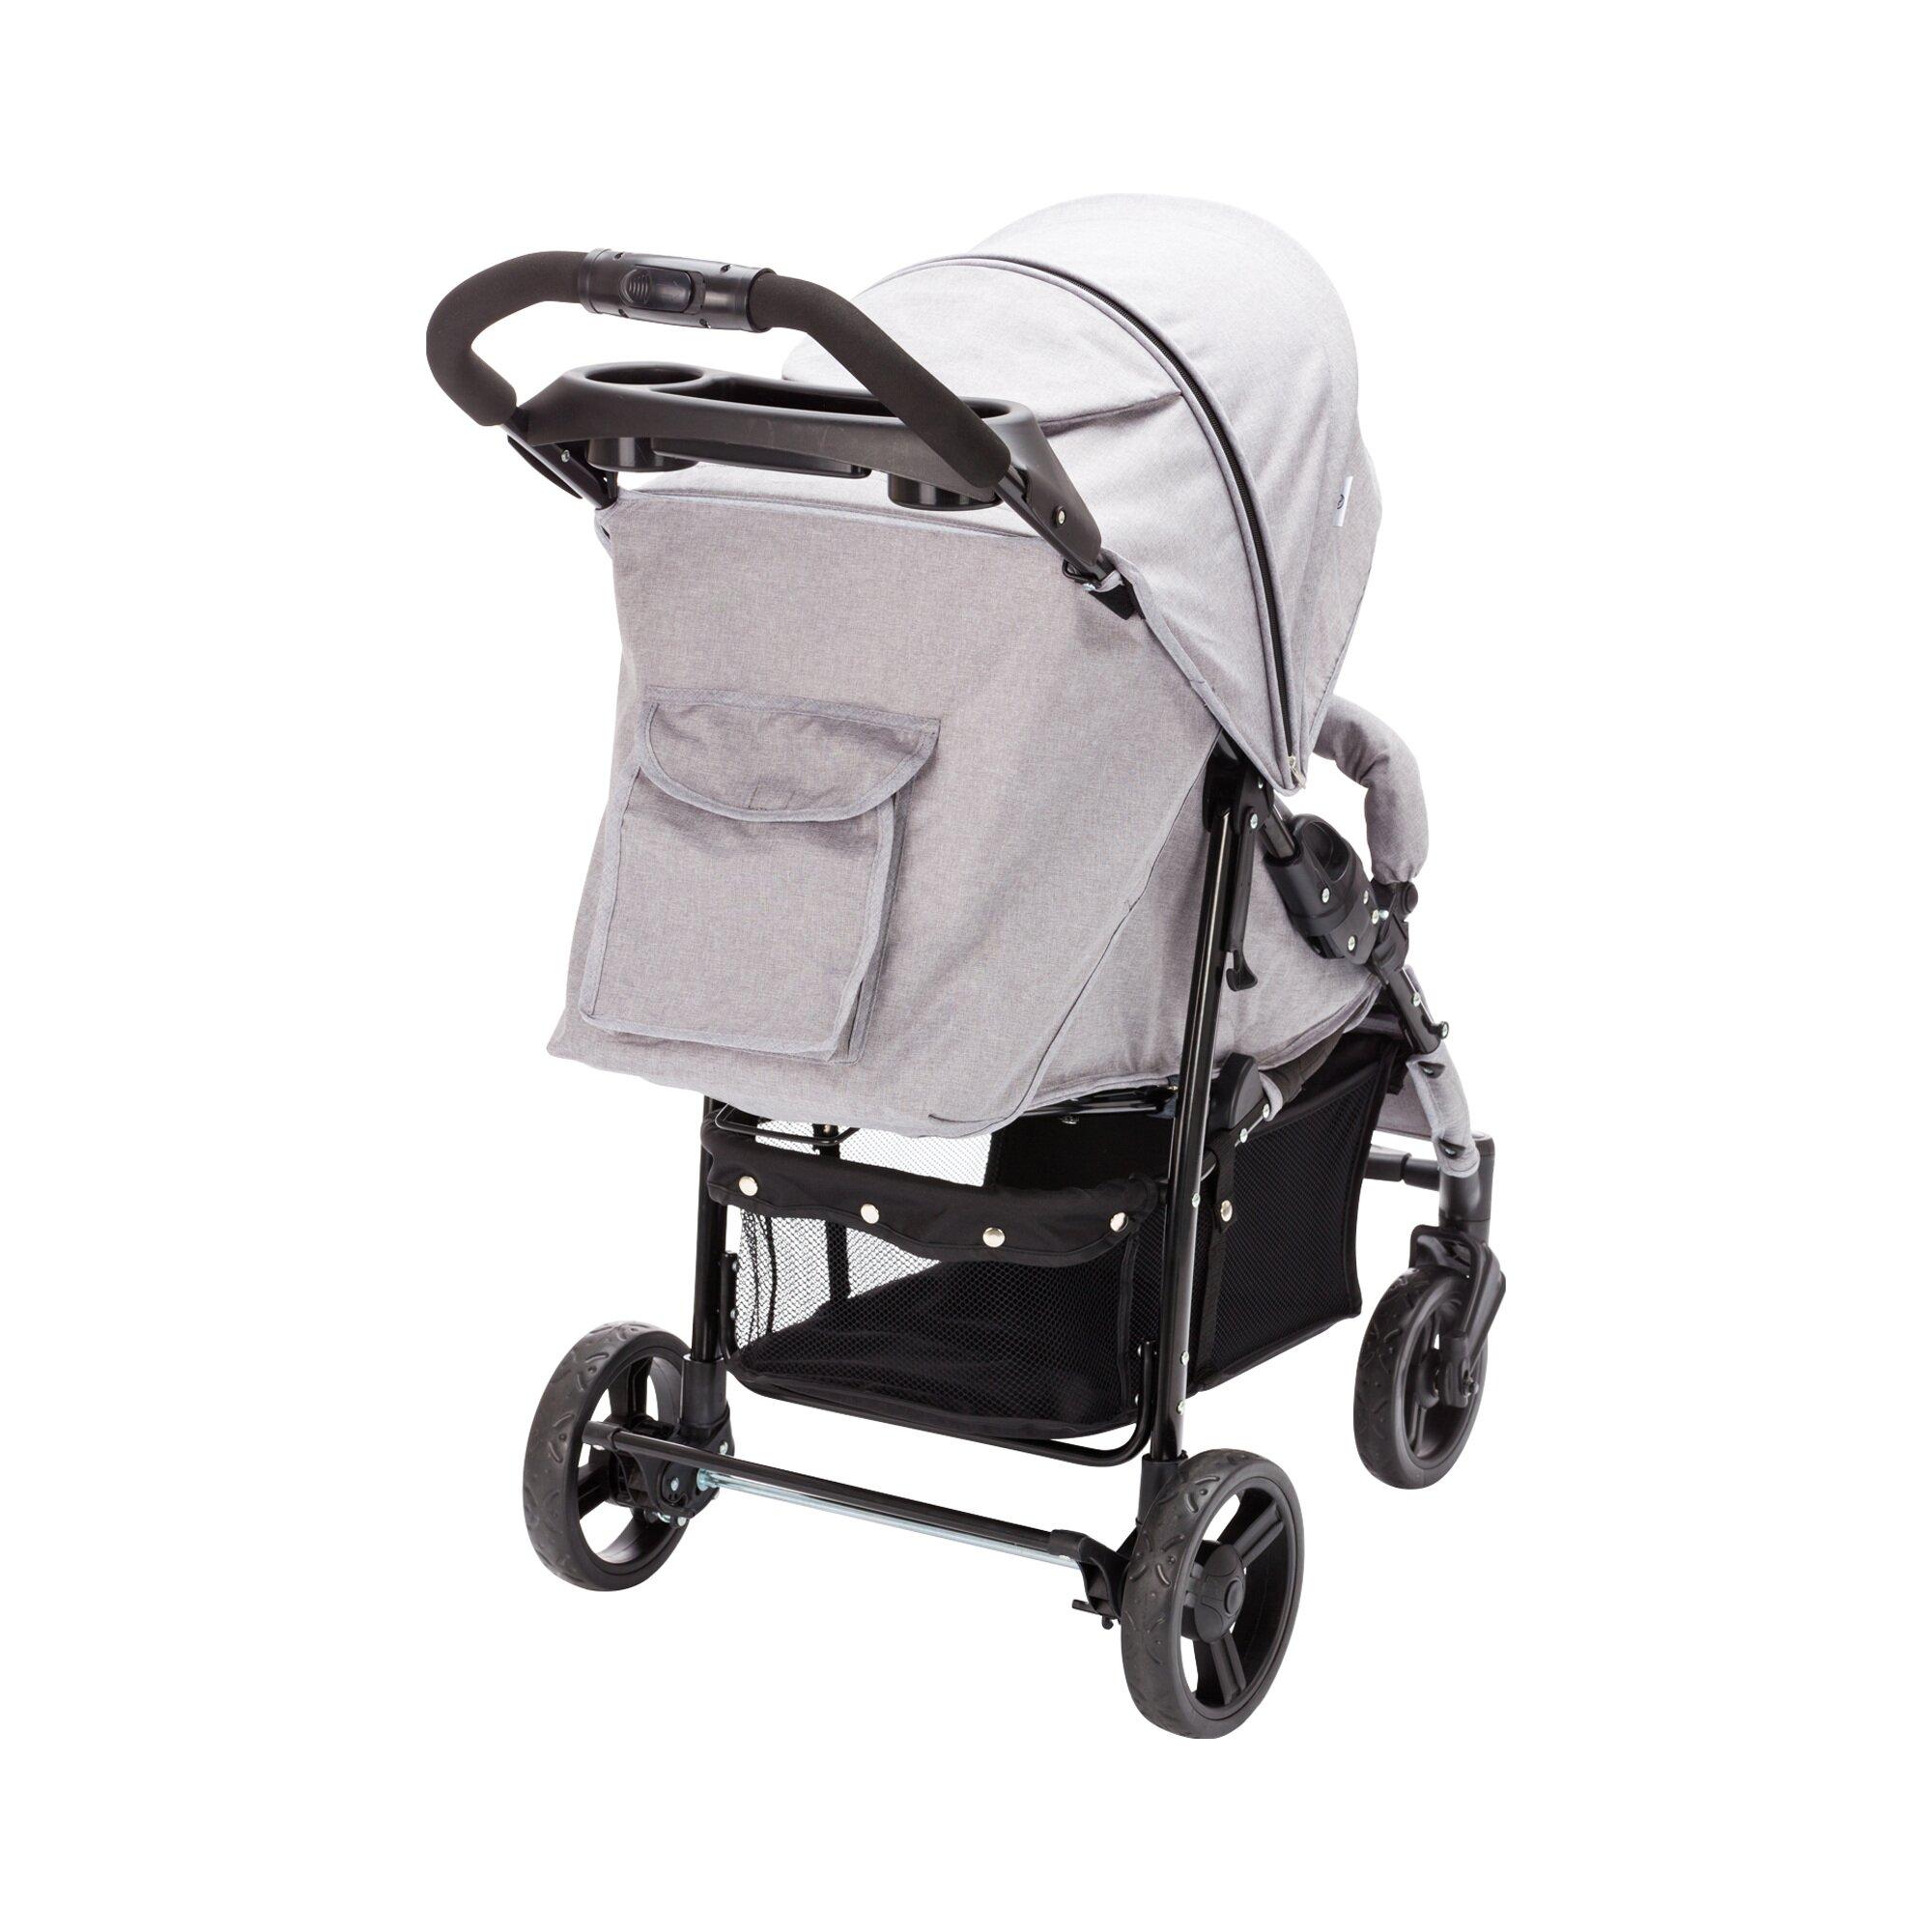 babycab-nick-kinderwagen-sportwagen-grau